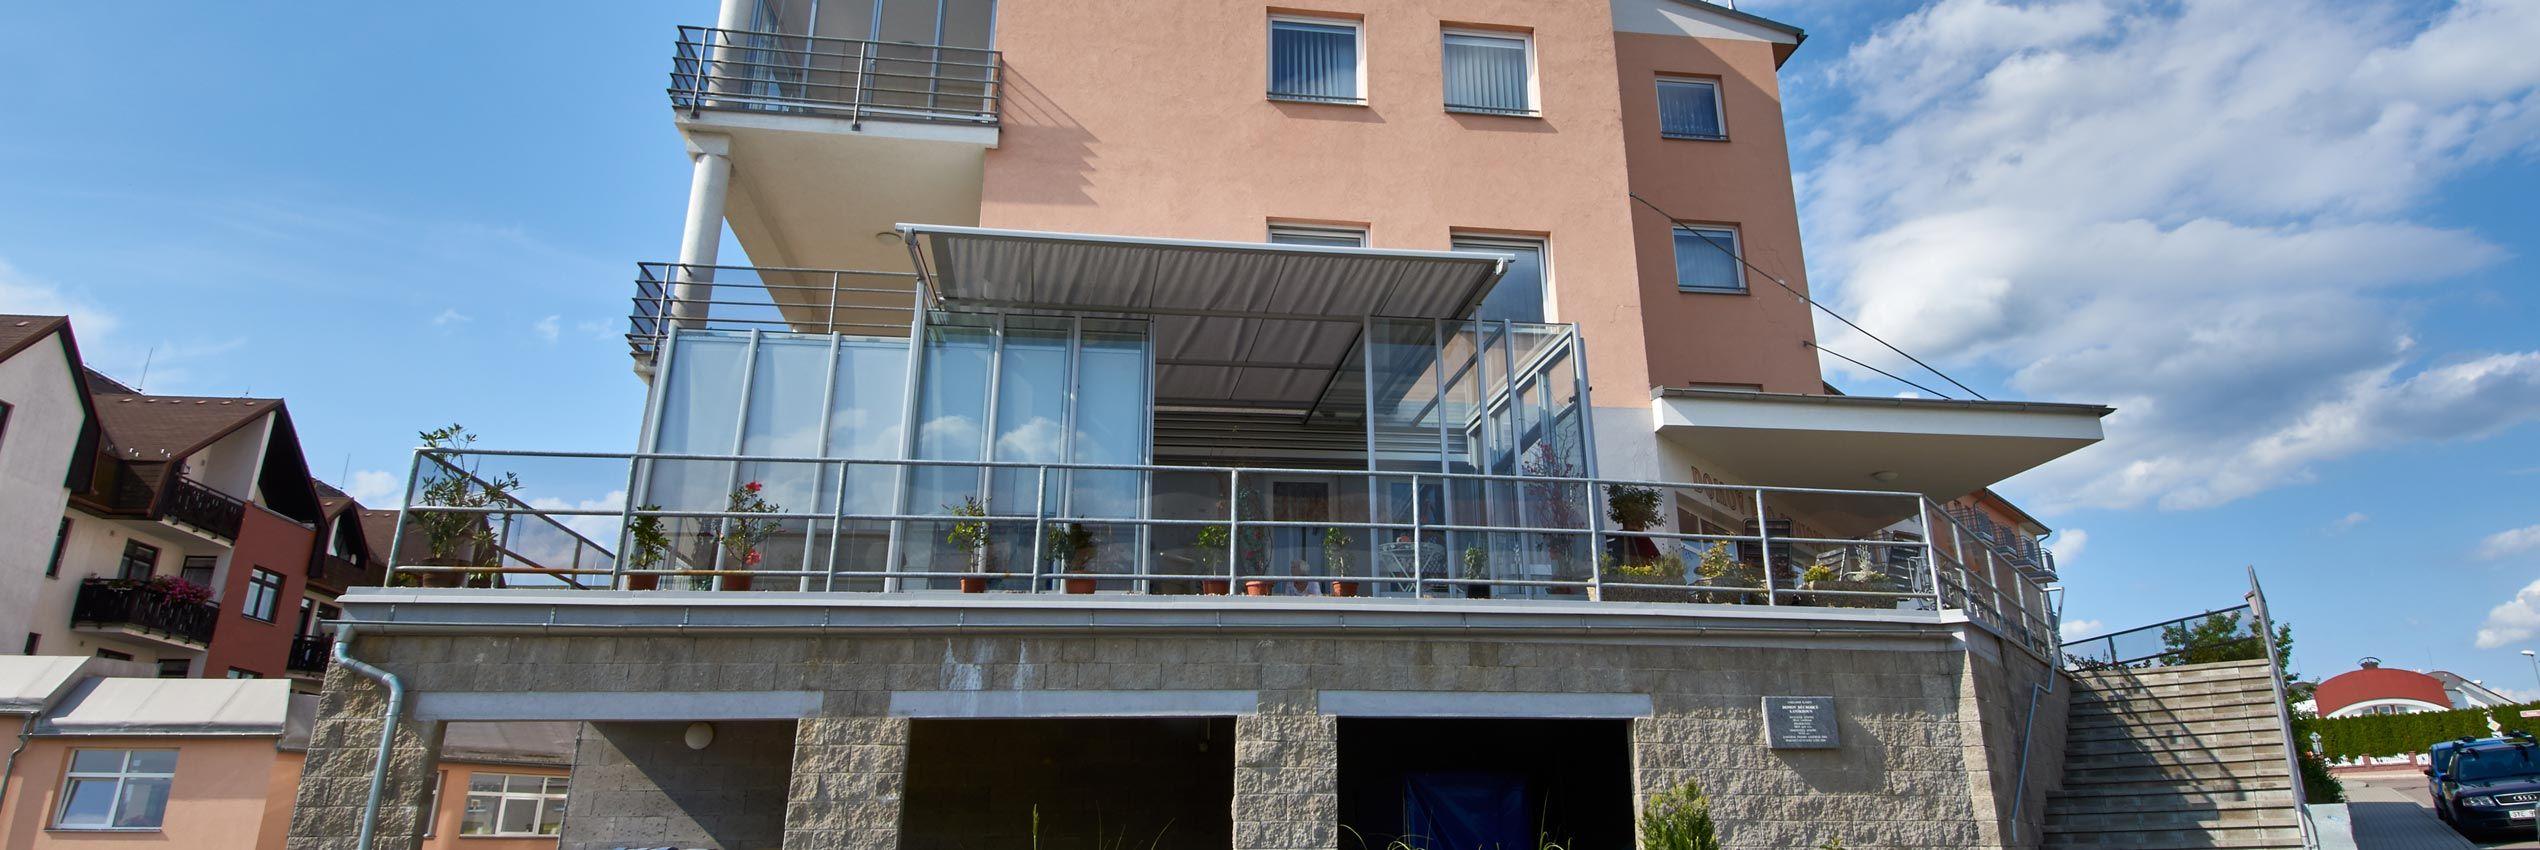 Abri Corso Glass pour professionells semi ouvert